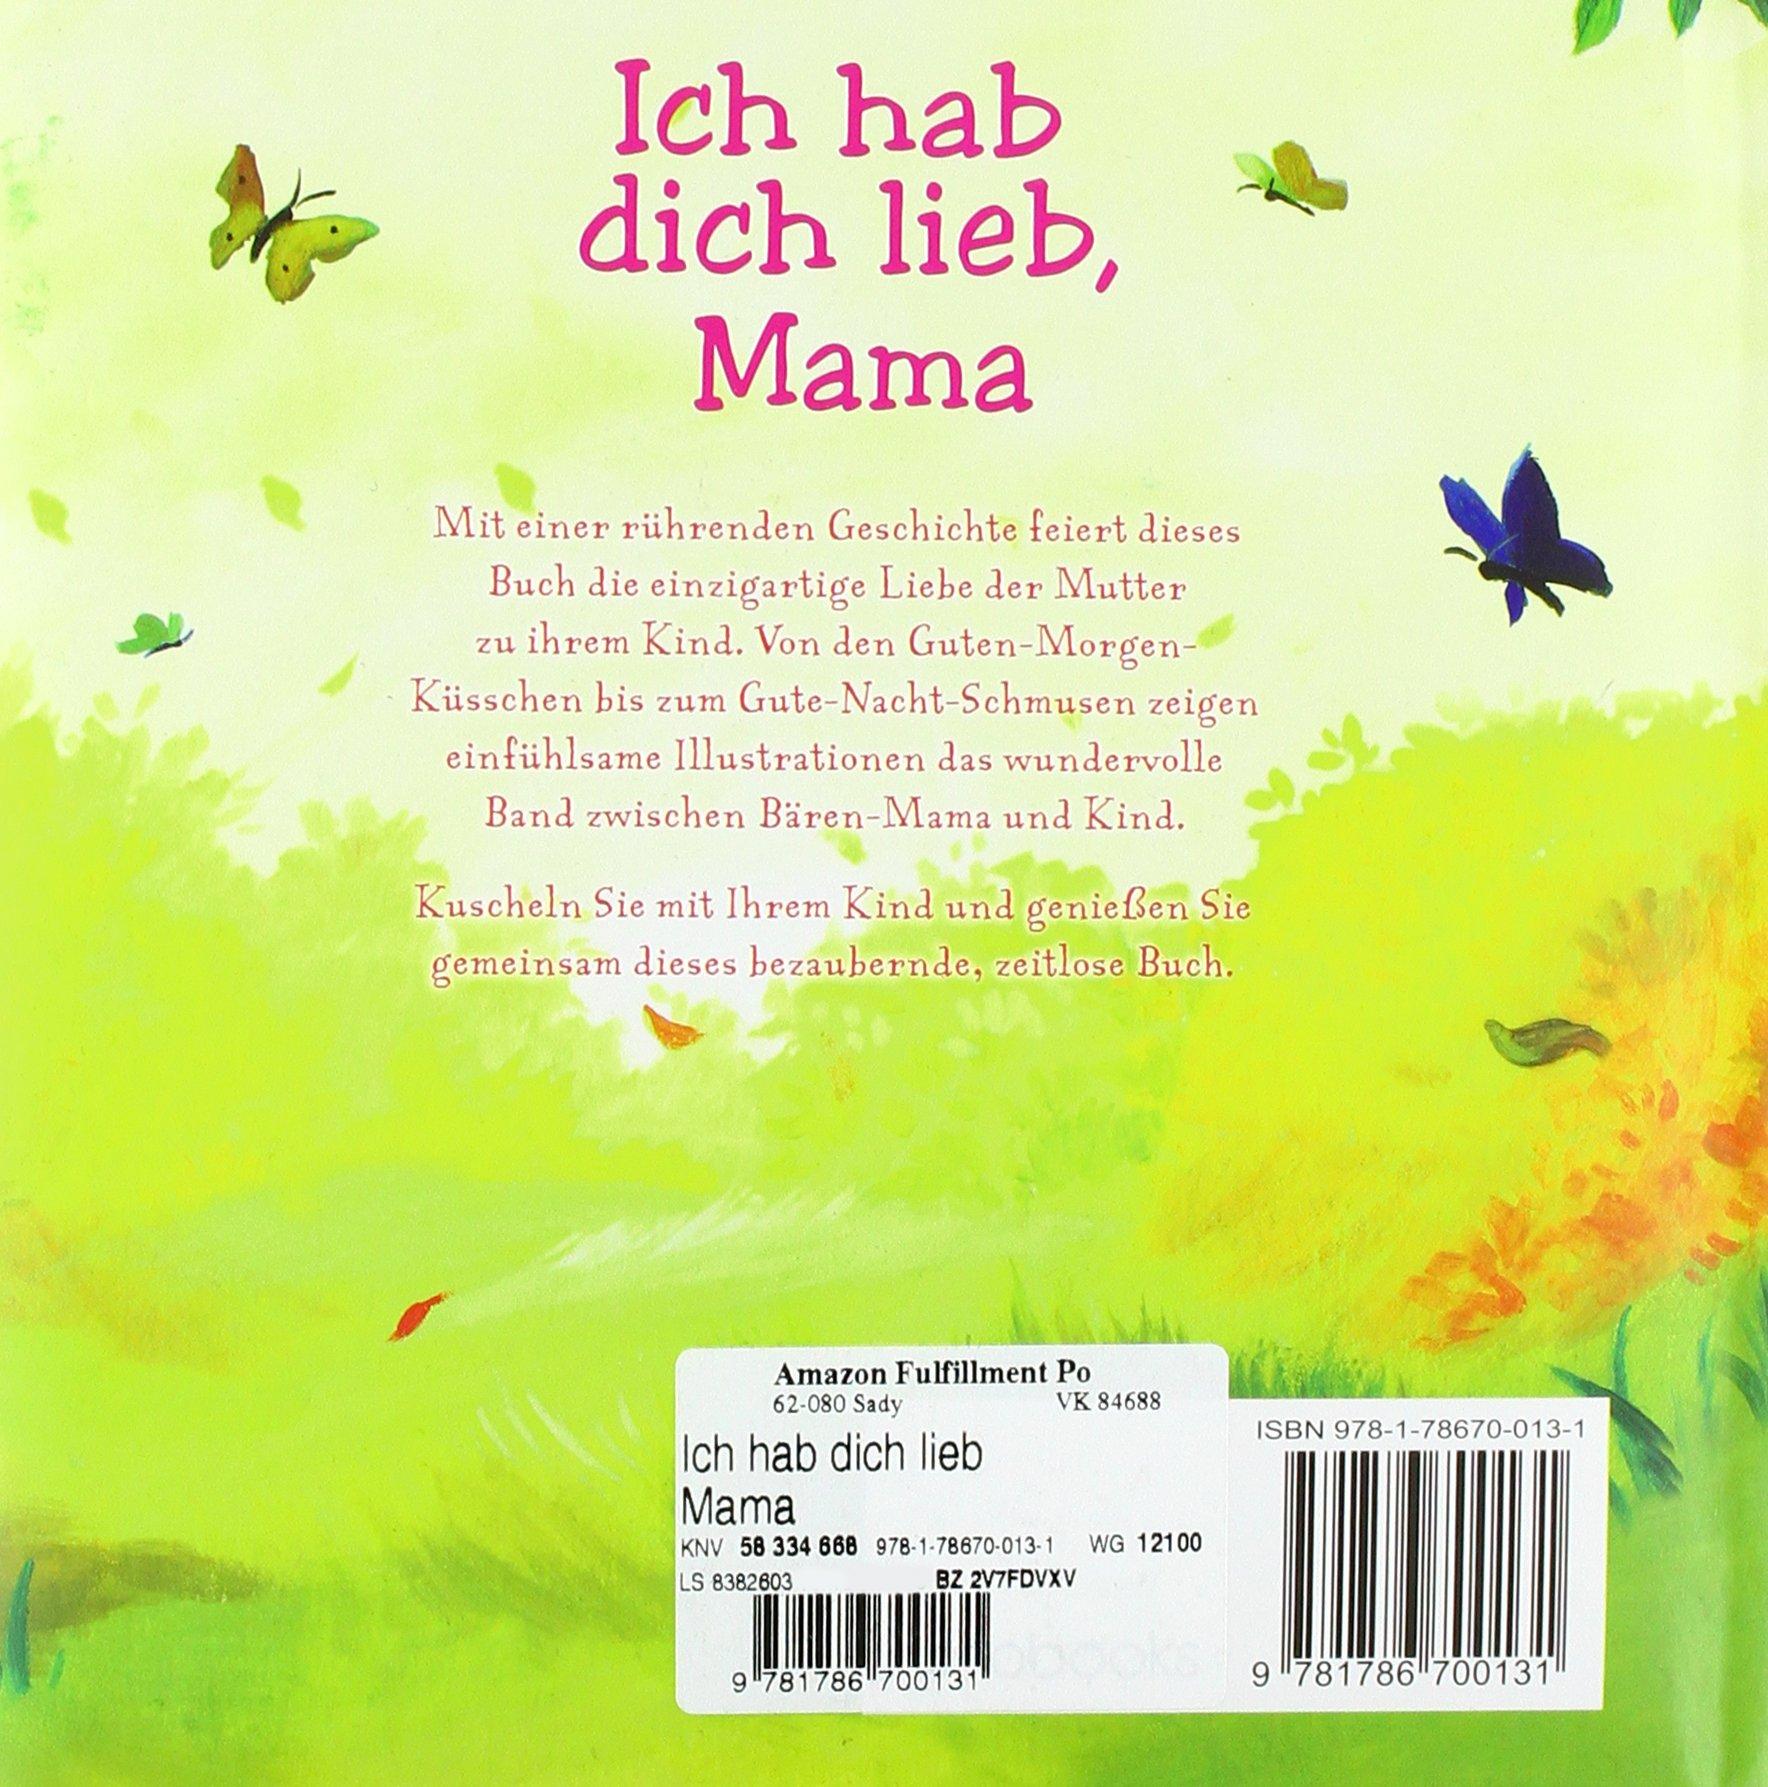 Ich Hab Dich Lieb Mama 9781786700131 Amazoncom Books